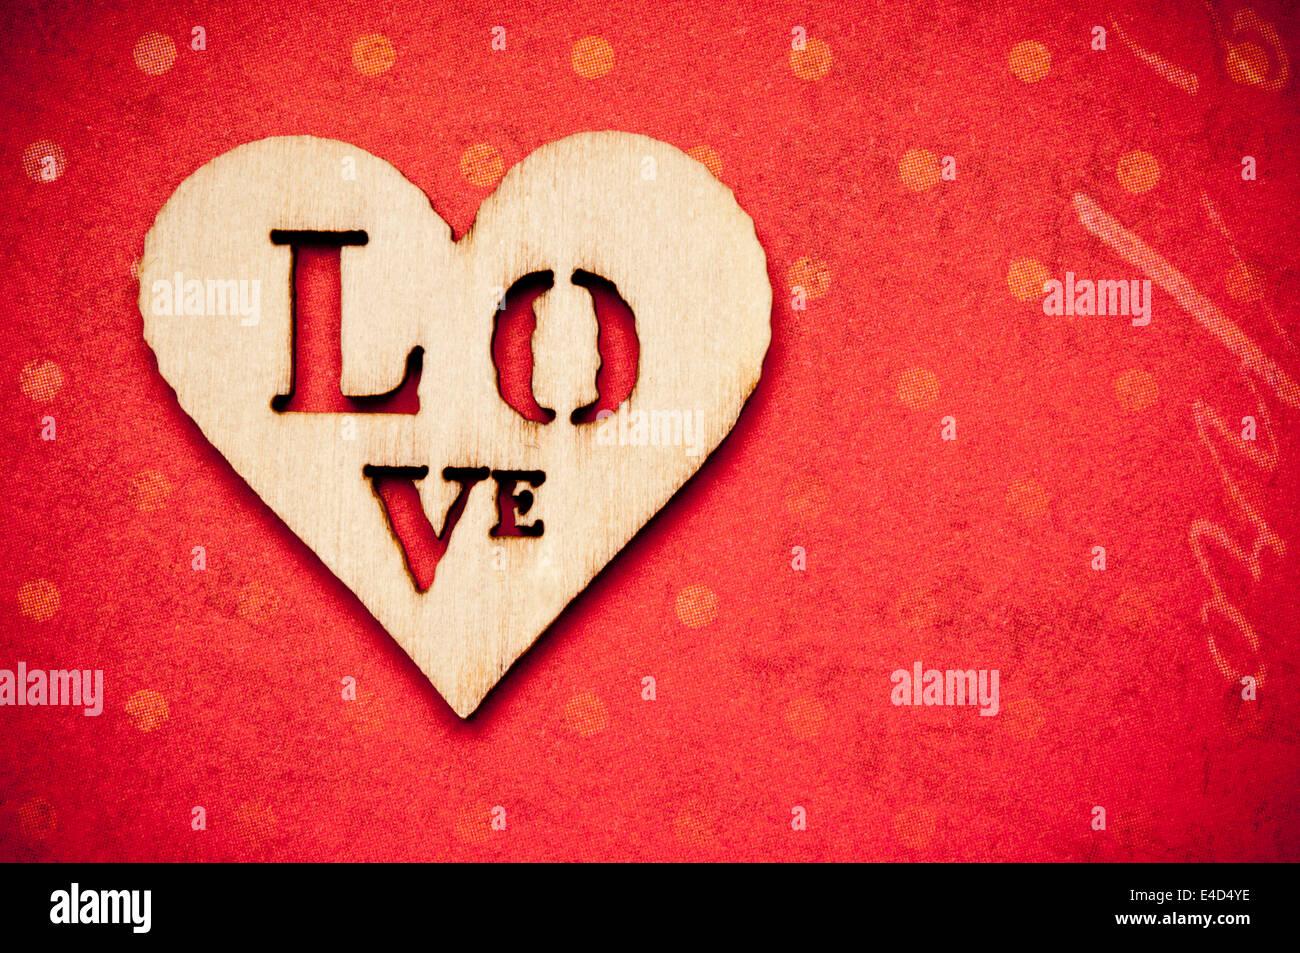 En forma de corazón de San Valentín, el amor concepto Imagen De Stock